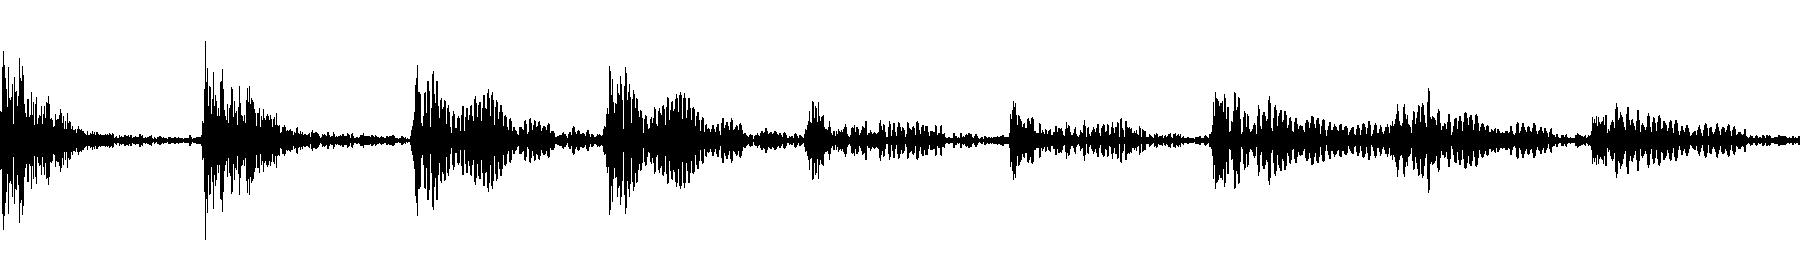 fill6